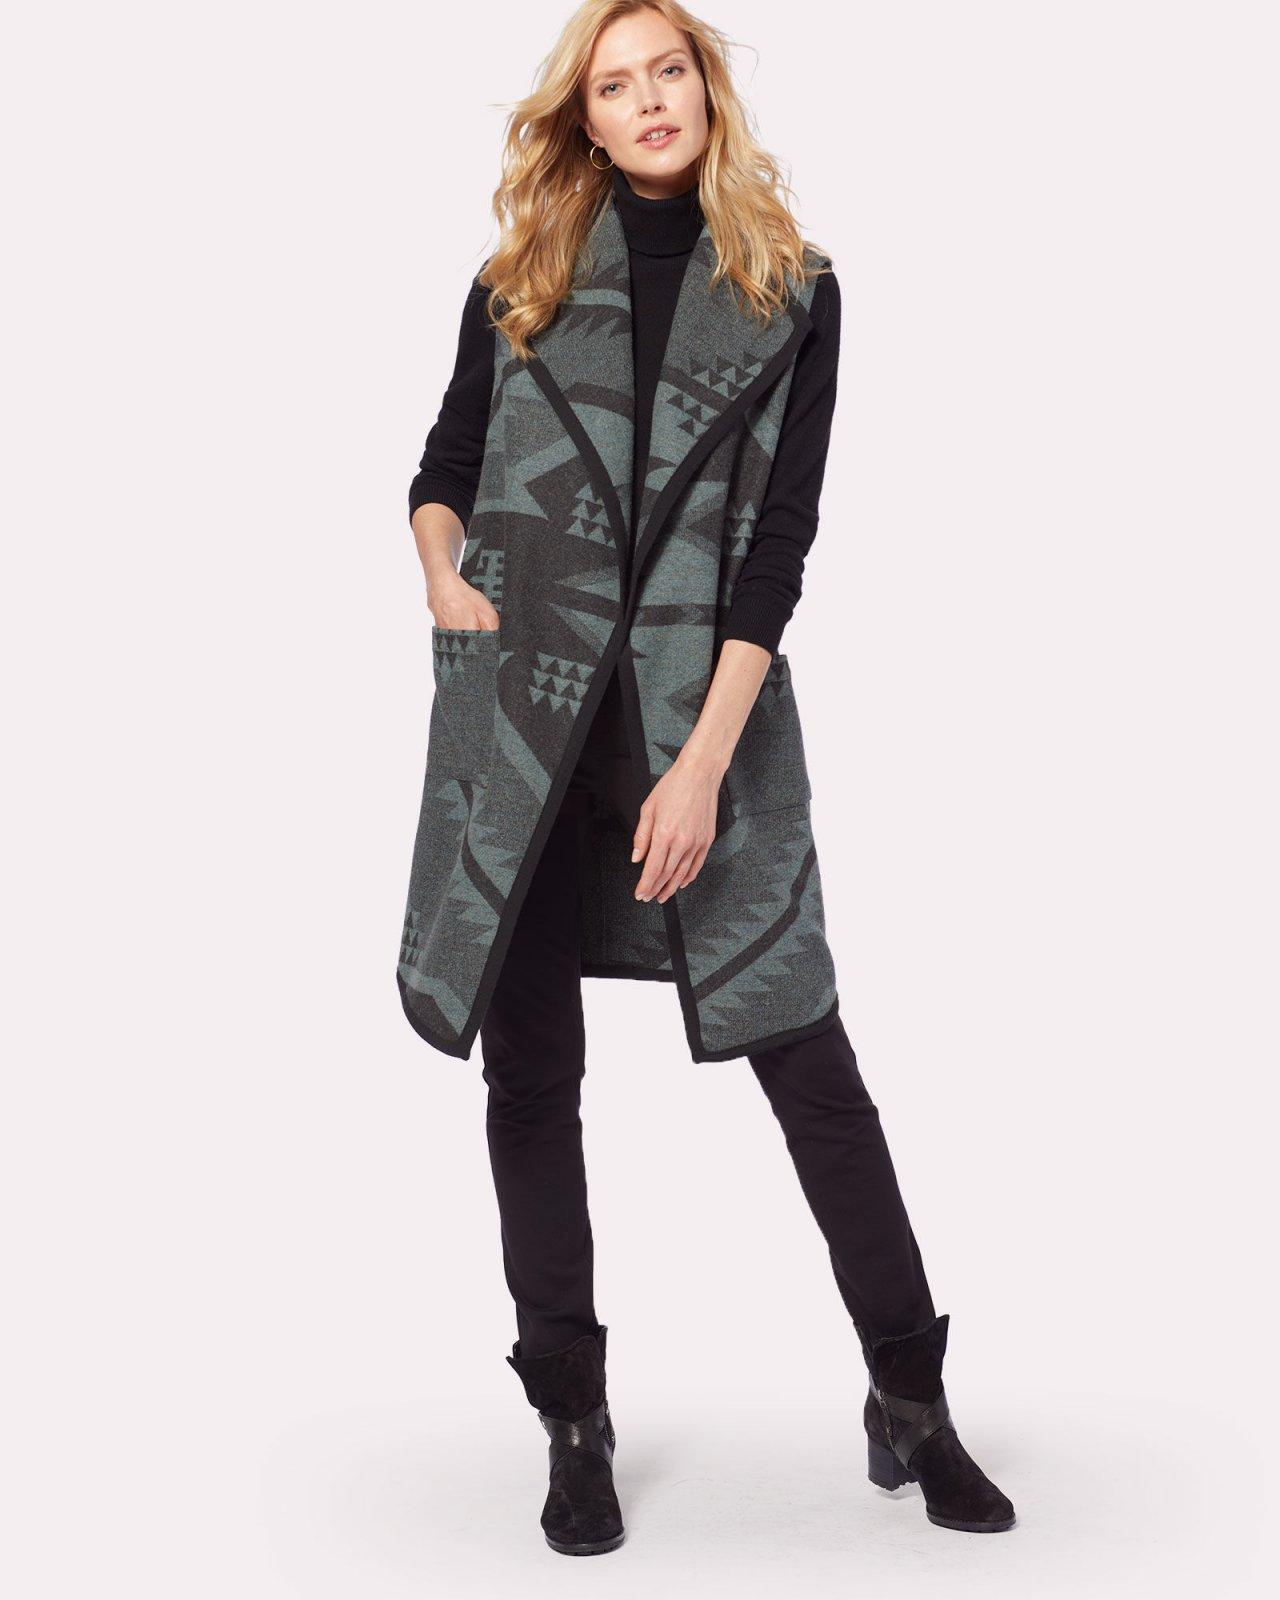 Carly Desert Sky Long Wool Vest from Pendleton